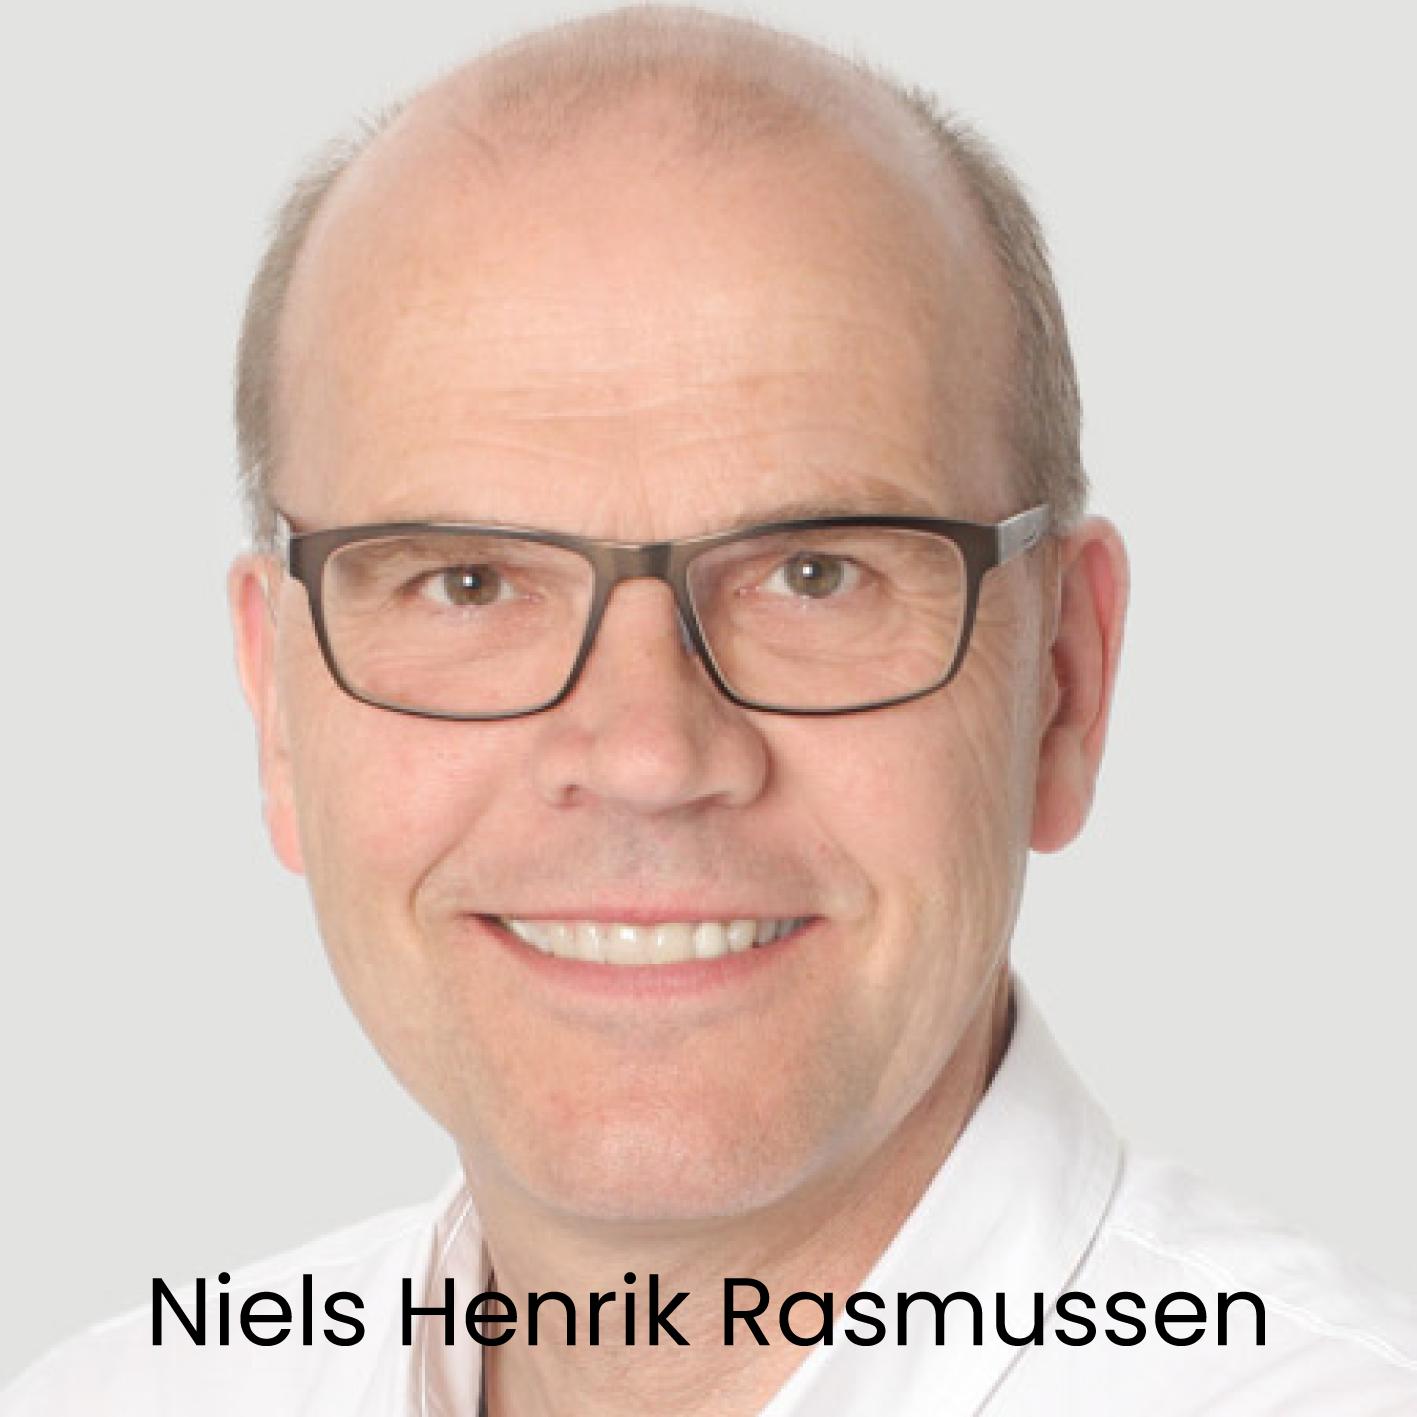 Niels Henrik Kristensen